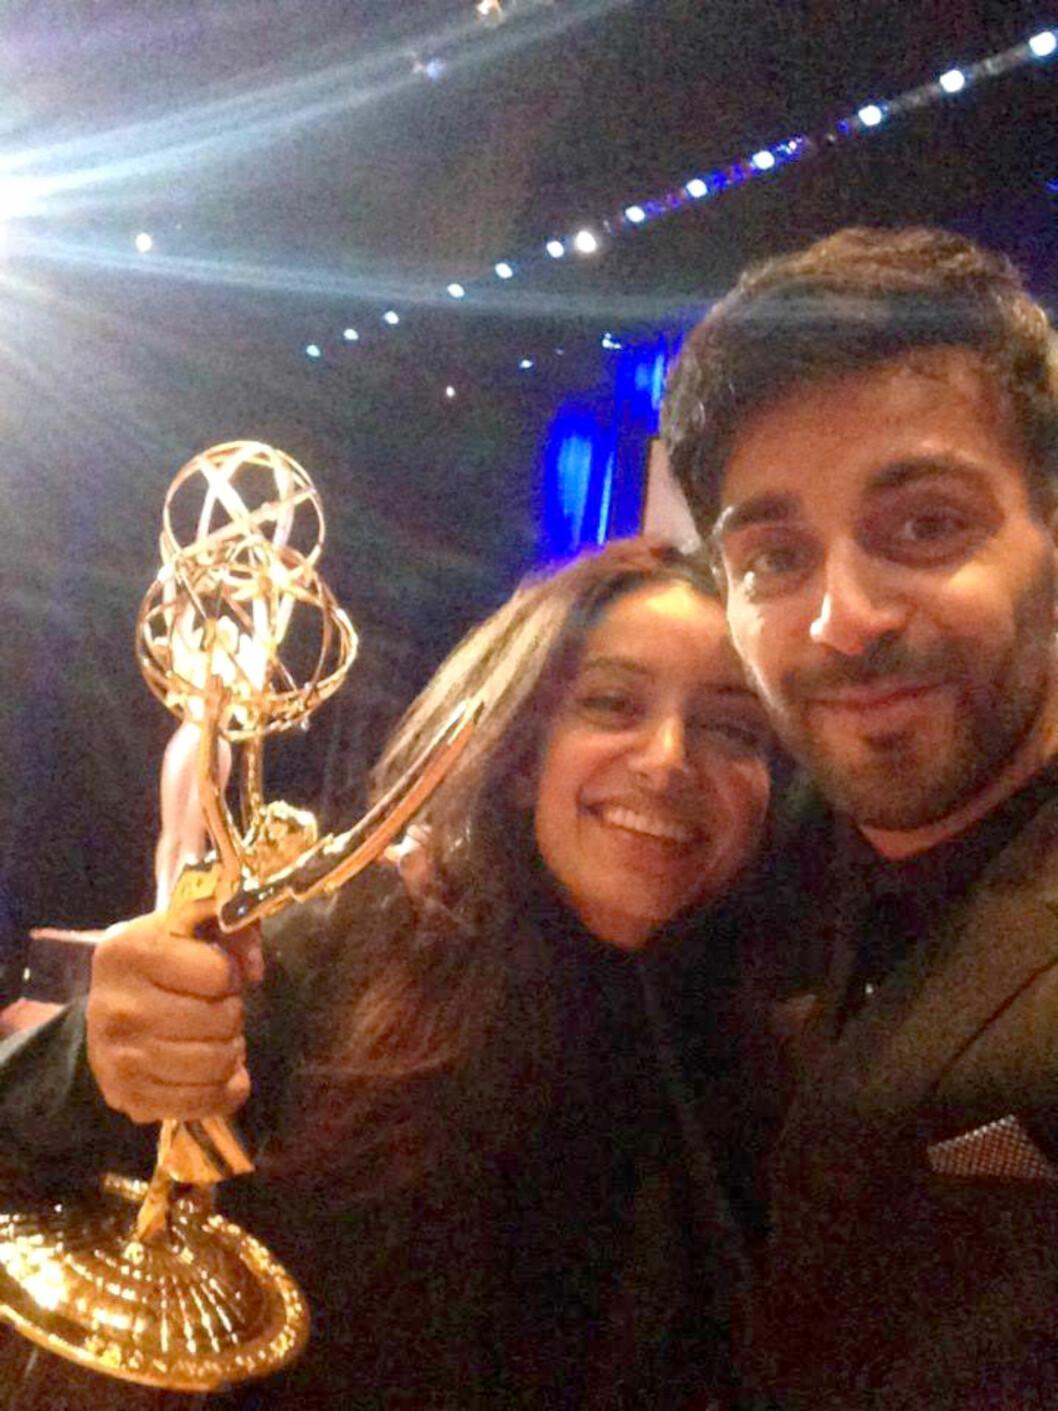 <strong>PRISBELØNNET FILMSKAPER:</strong> I seiersrus etter å ha vunnet Emmy, sammen med lillebror Adil. Foto: Privat